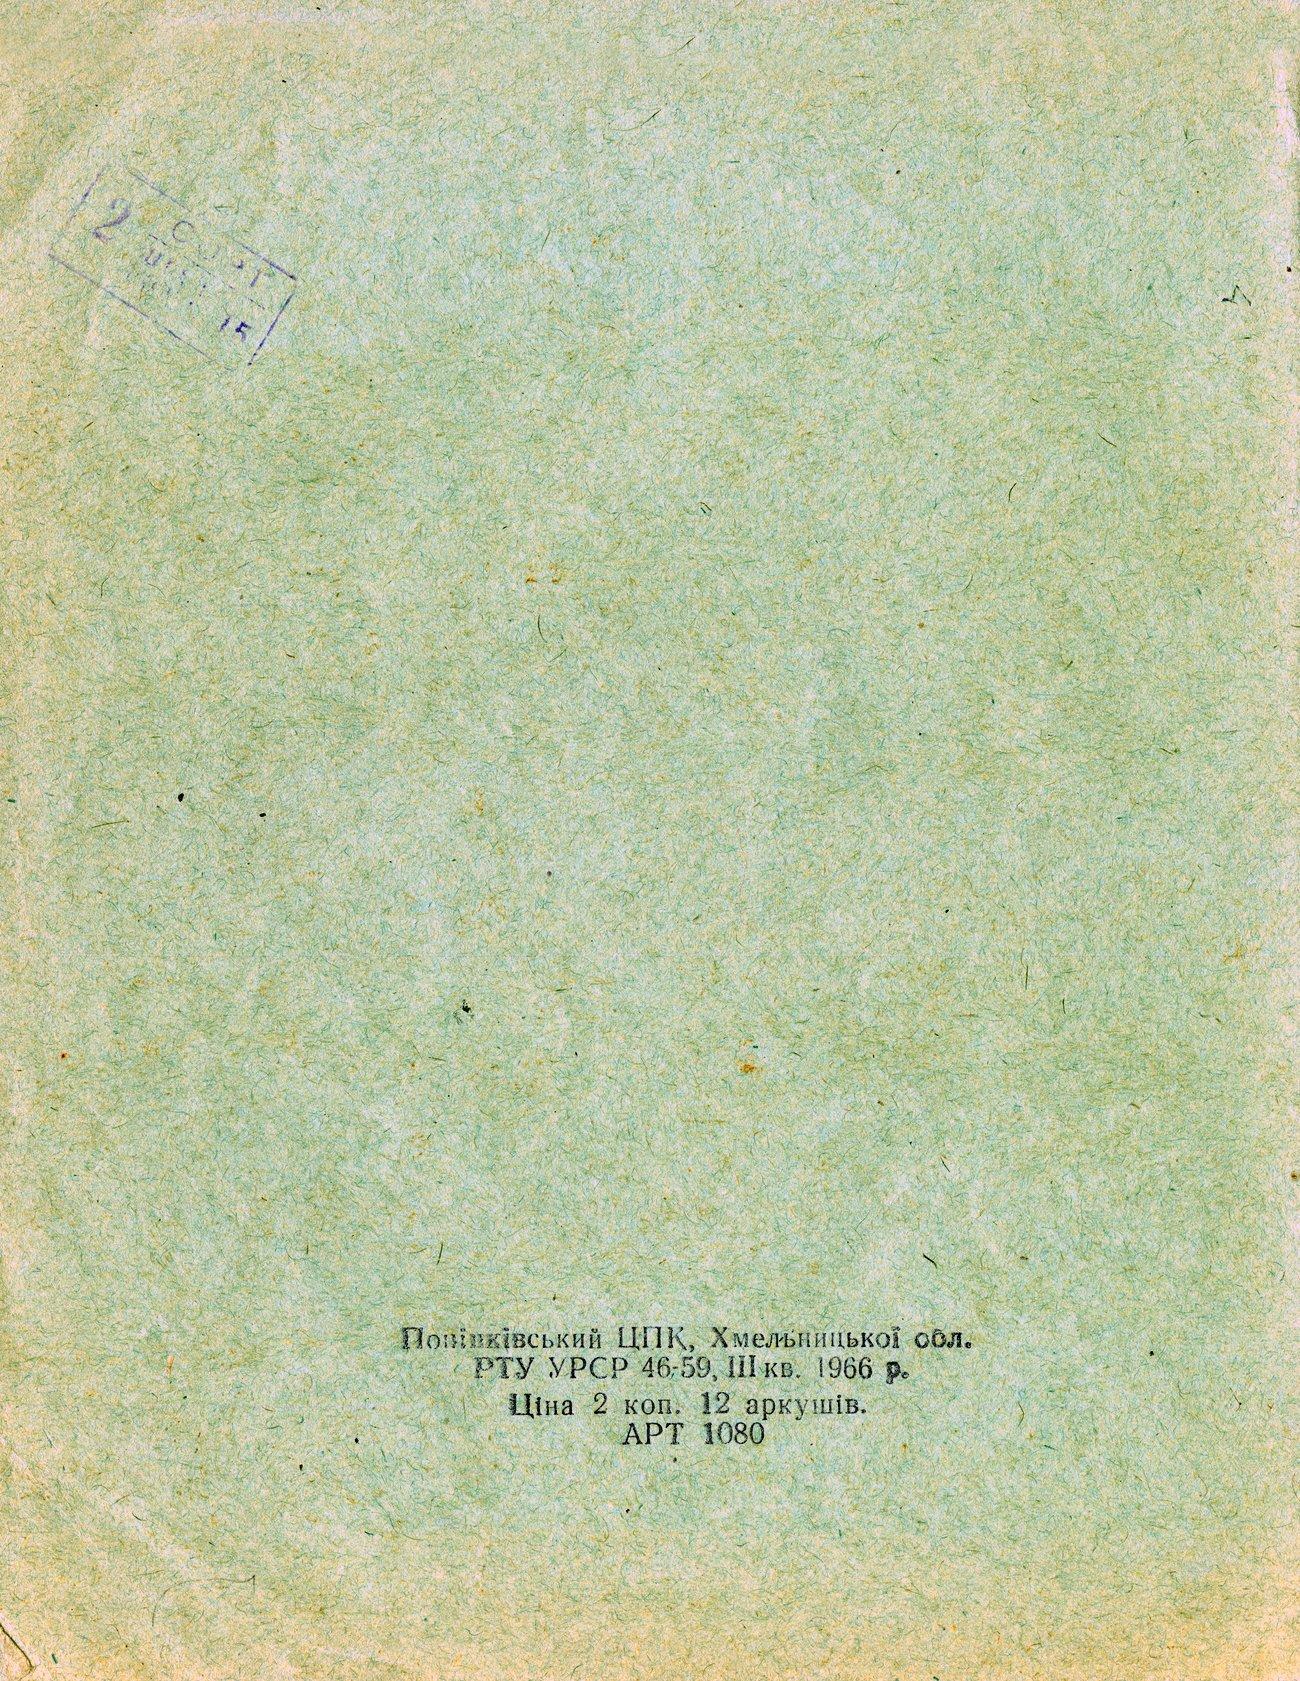 Зоя Космодемьянская 1966 оборот